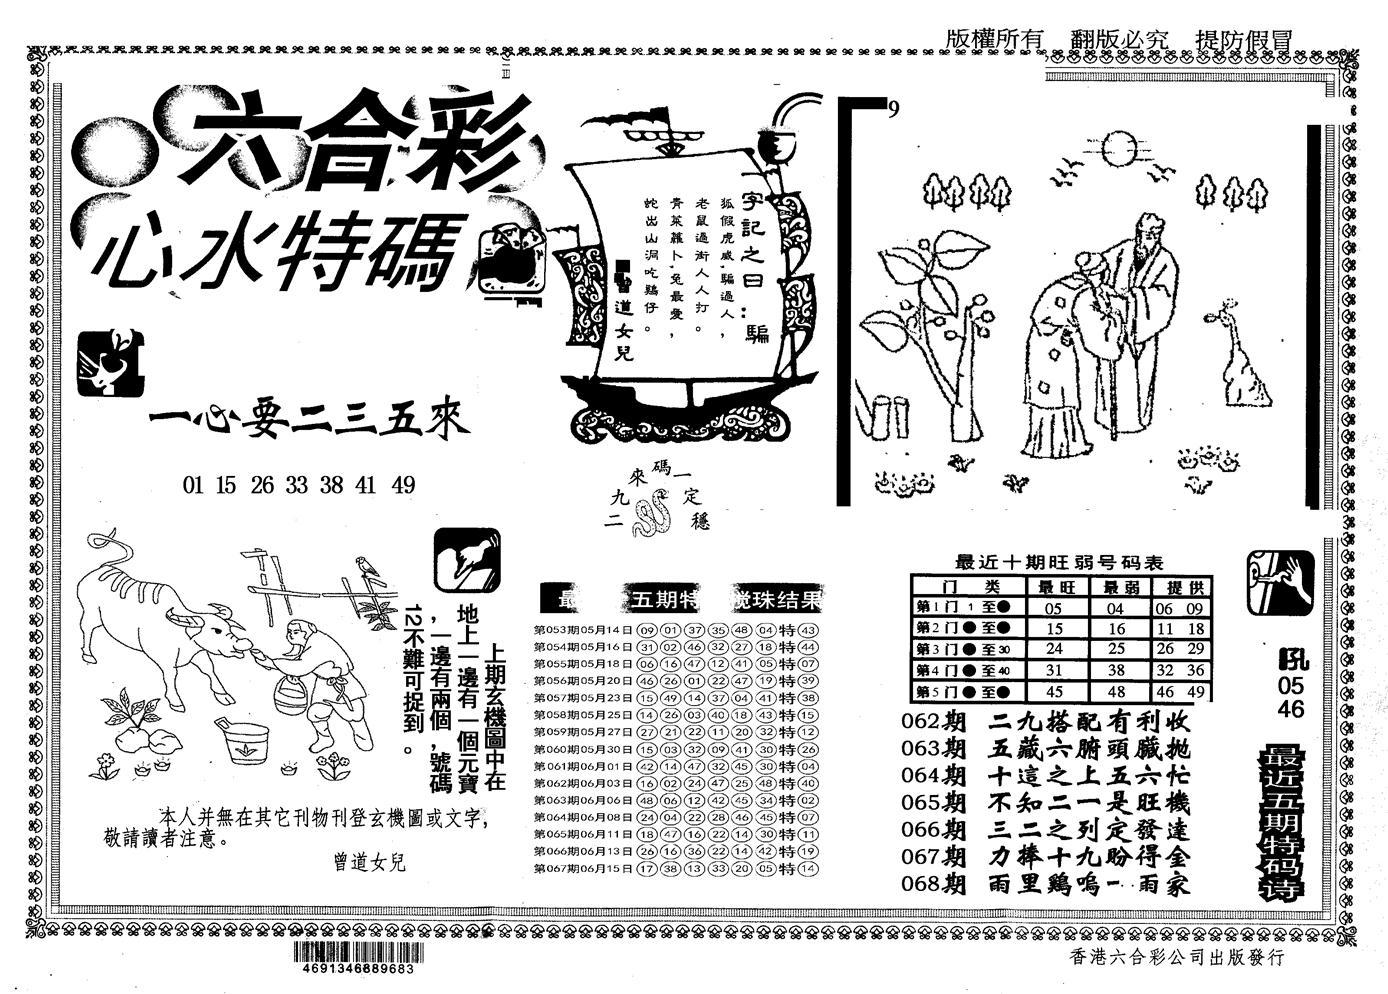 068期另版心水特码(黑白)